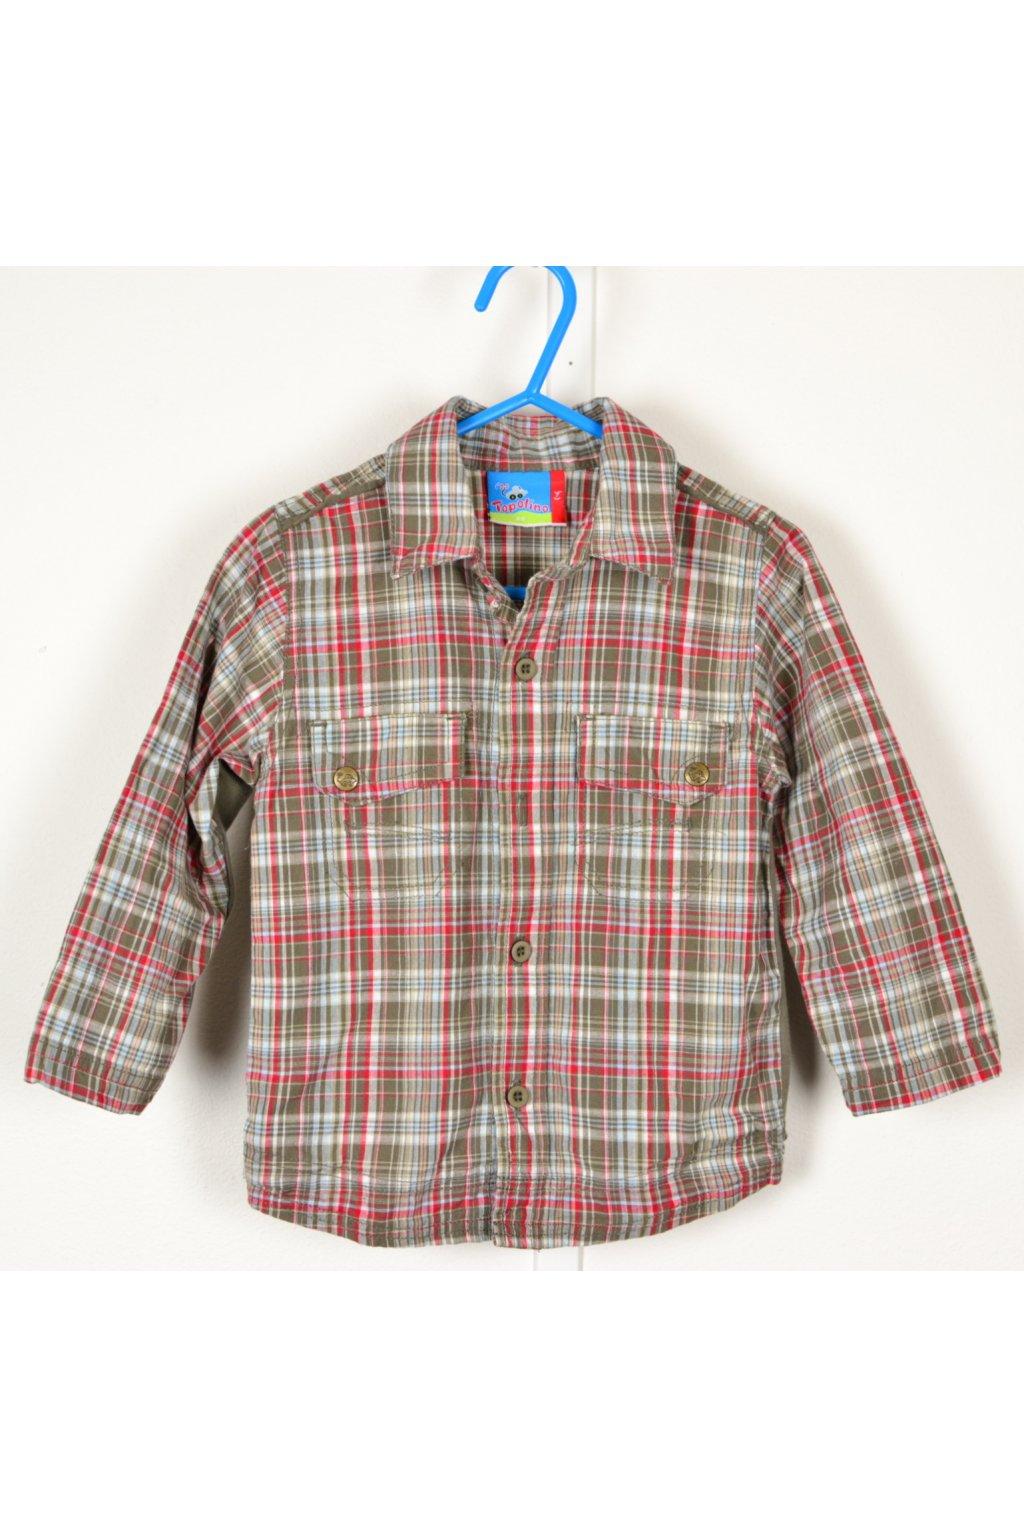 Košile Topolino vel 86/12-18 M